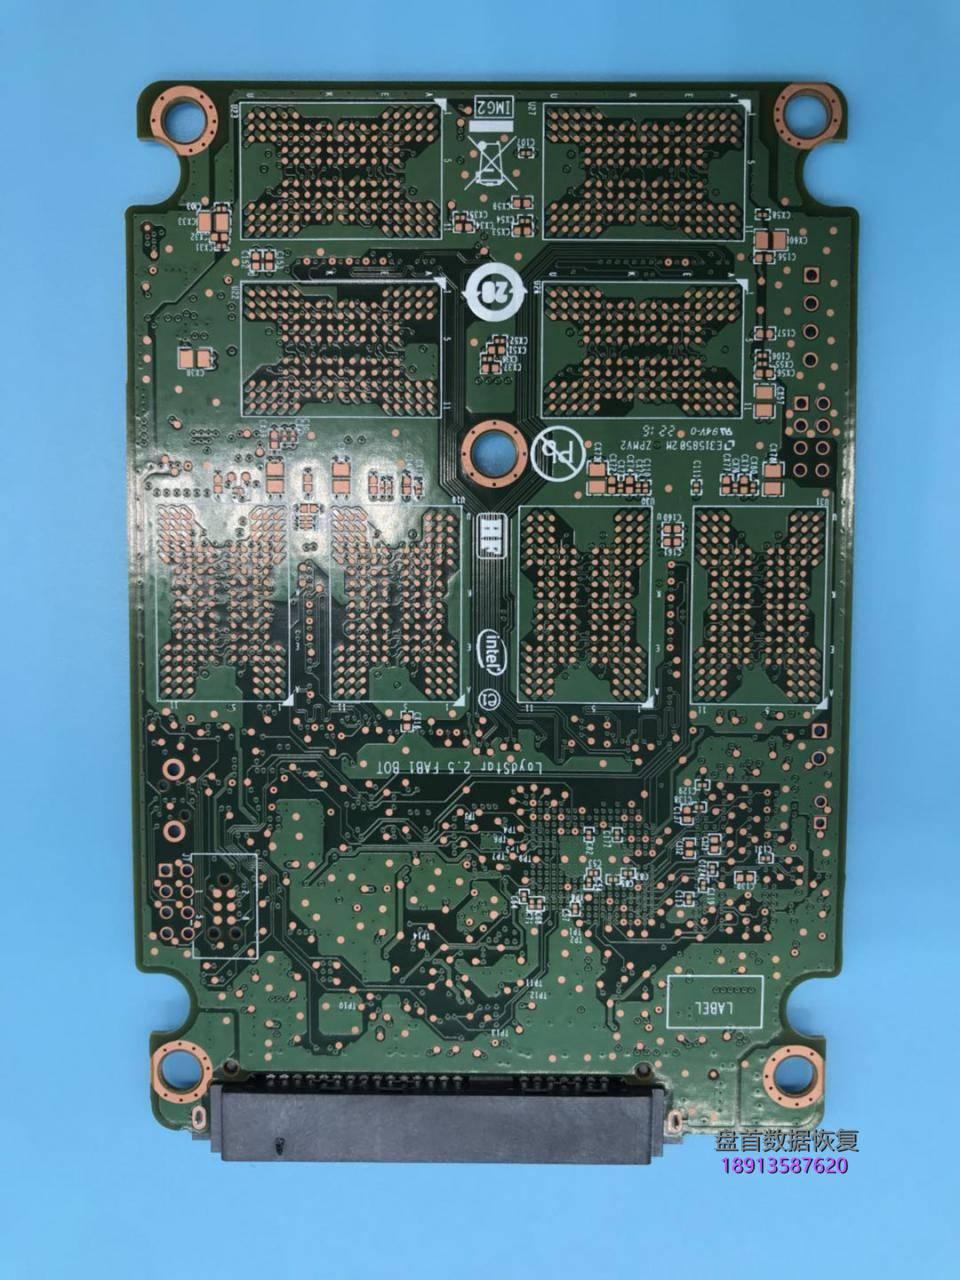 英特尔ssd5400s固态硬盘掉盘无法识别不读盘了主控sm2258g数 英特尔SSDSC2KF256H6固态硬盘掉盘无法识别不读盘了主控SM2258G数据恢复完美成功